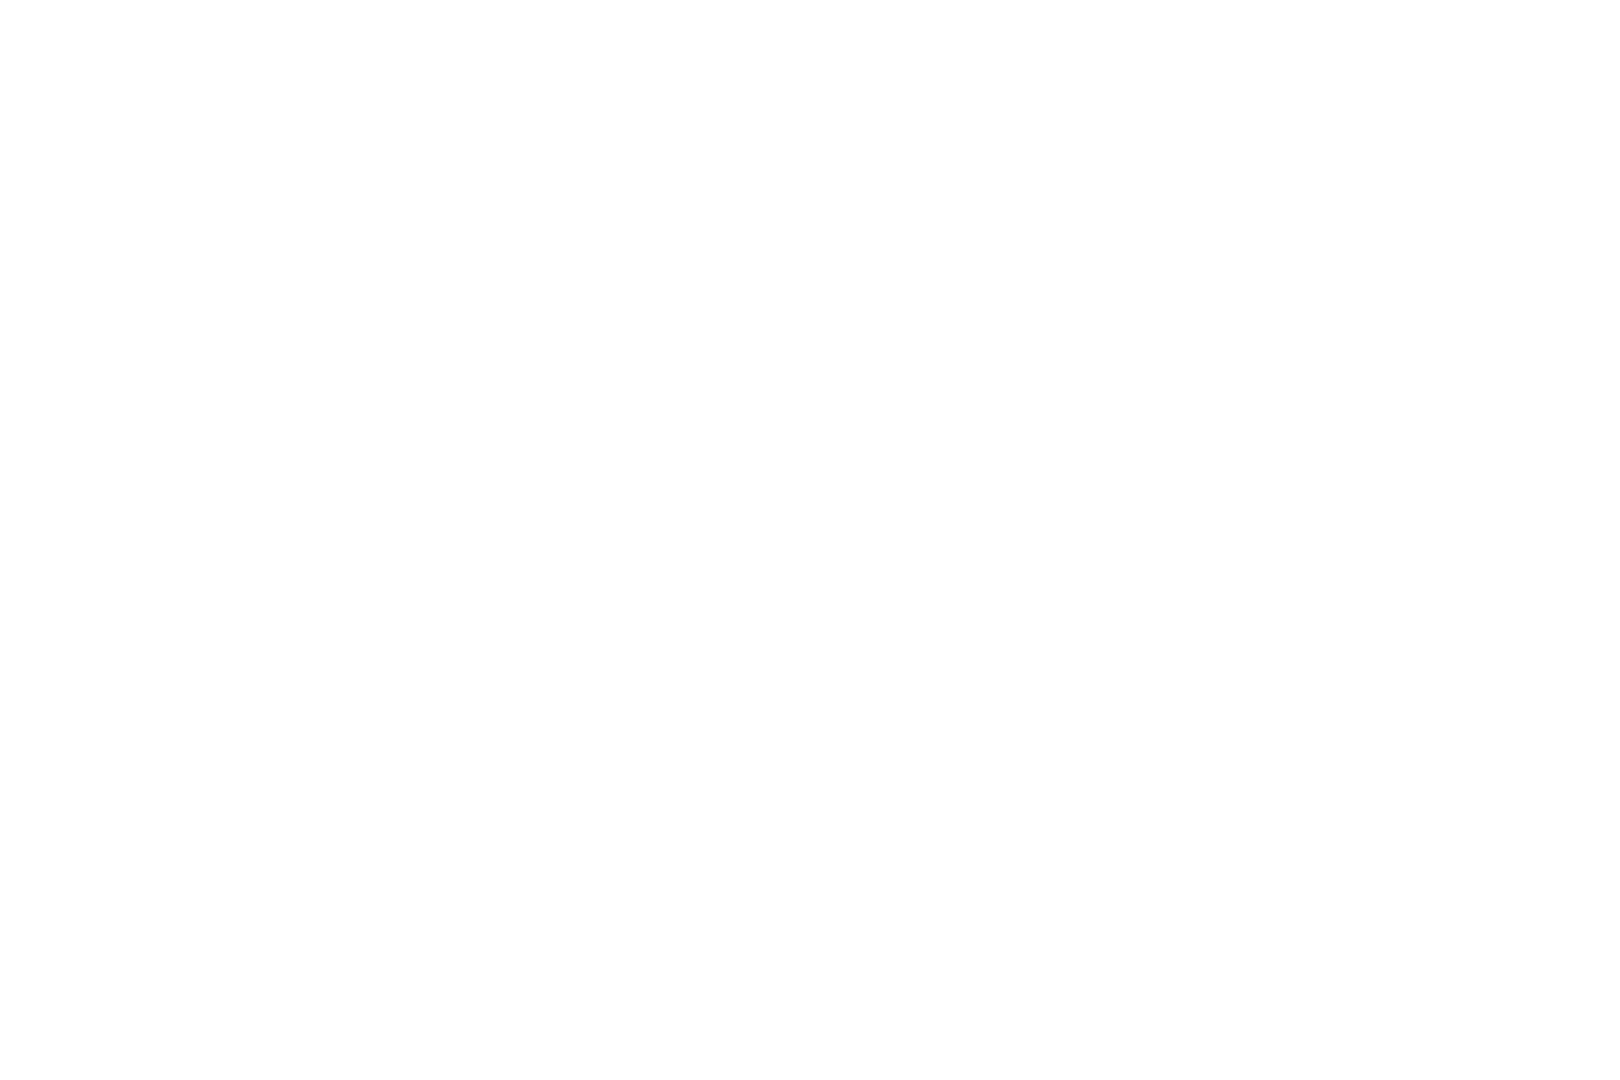 充血監督の深夜の運動会Vol.2 OLセックス  69画像 68